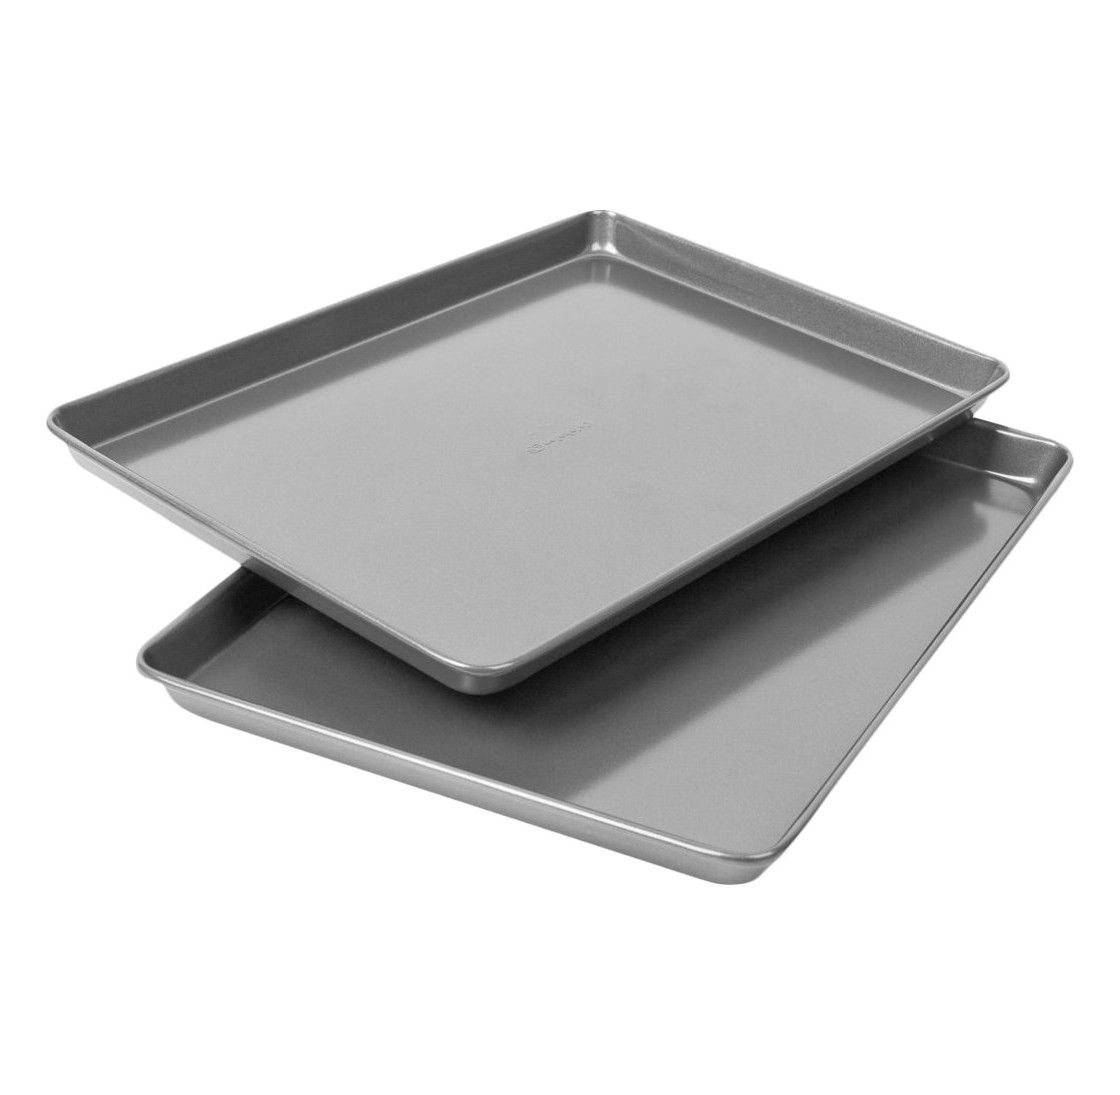 Calphalon Kitchen Essentials Baking Sheet 2-pc. Set | Target ...